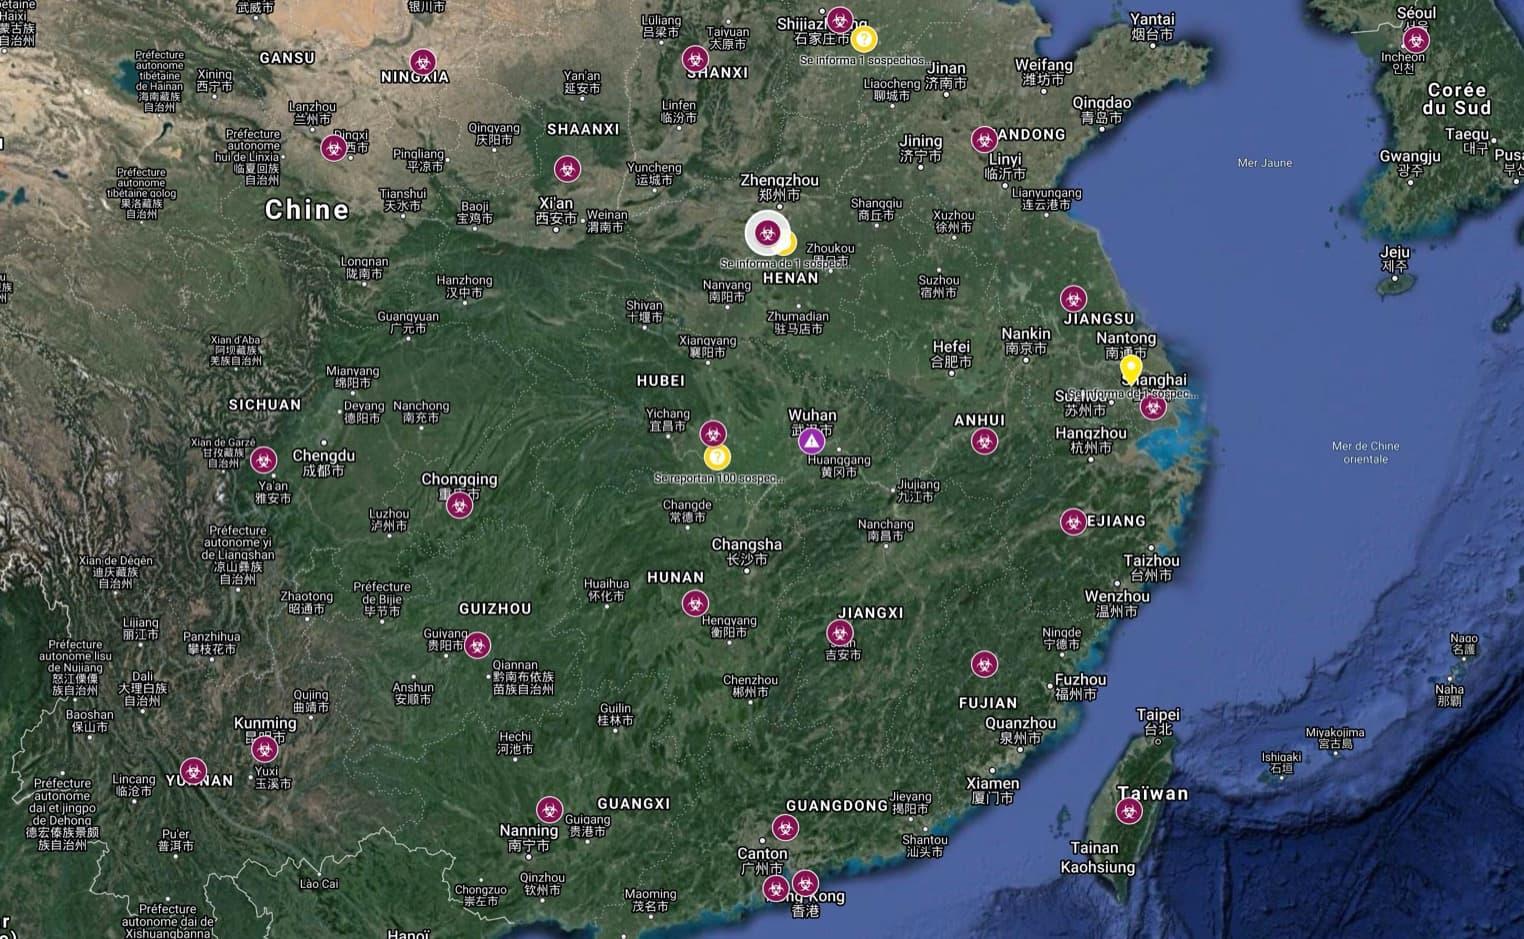 Carte de l'épidémie de coronavirus en Chine, au 28 janvier 2020